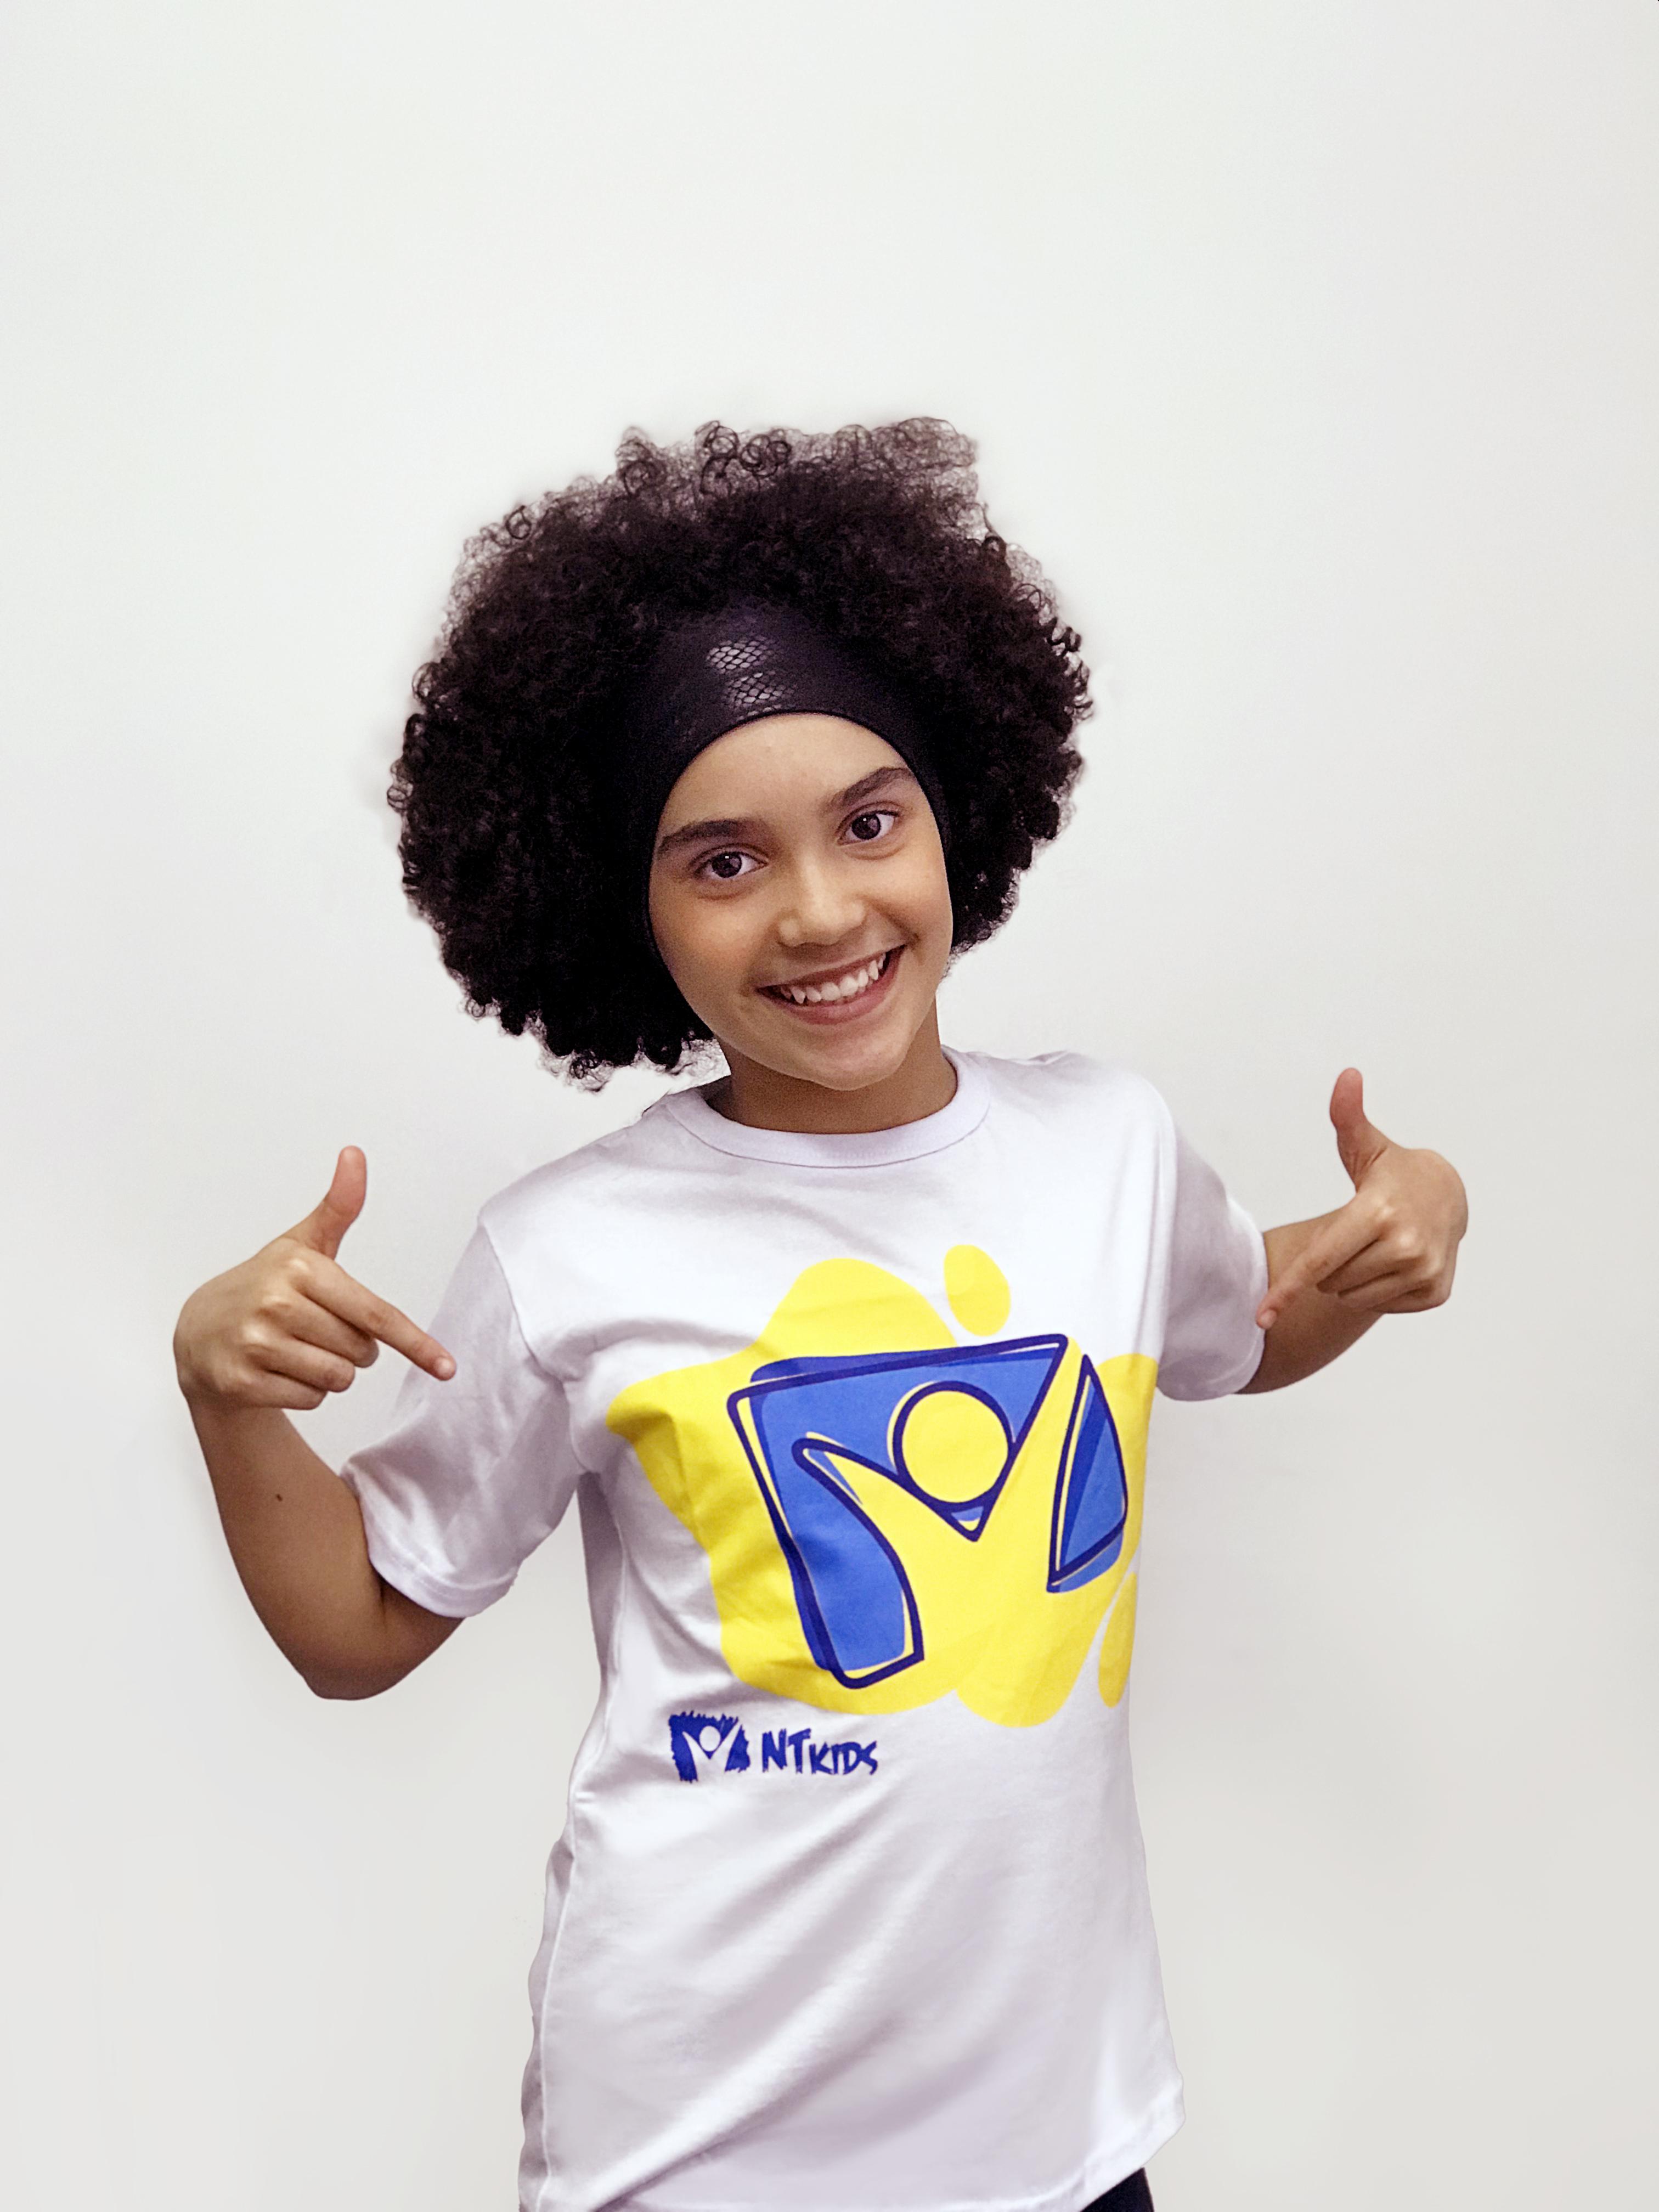 Camiseta NT Kids